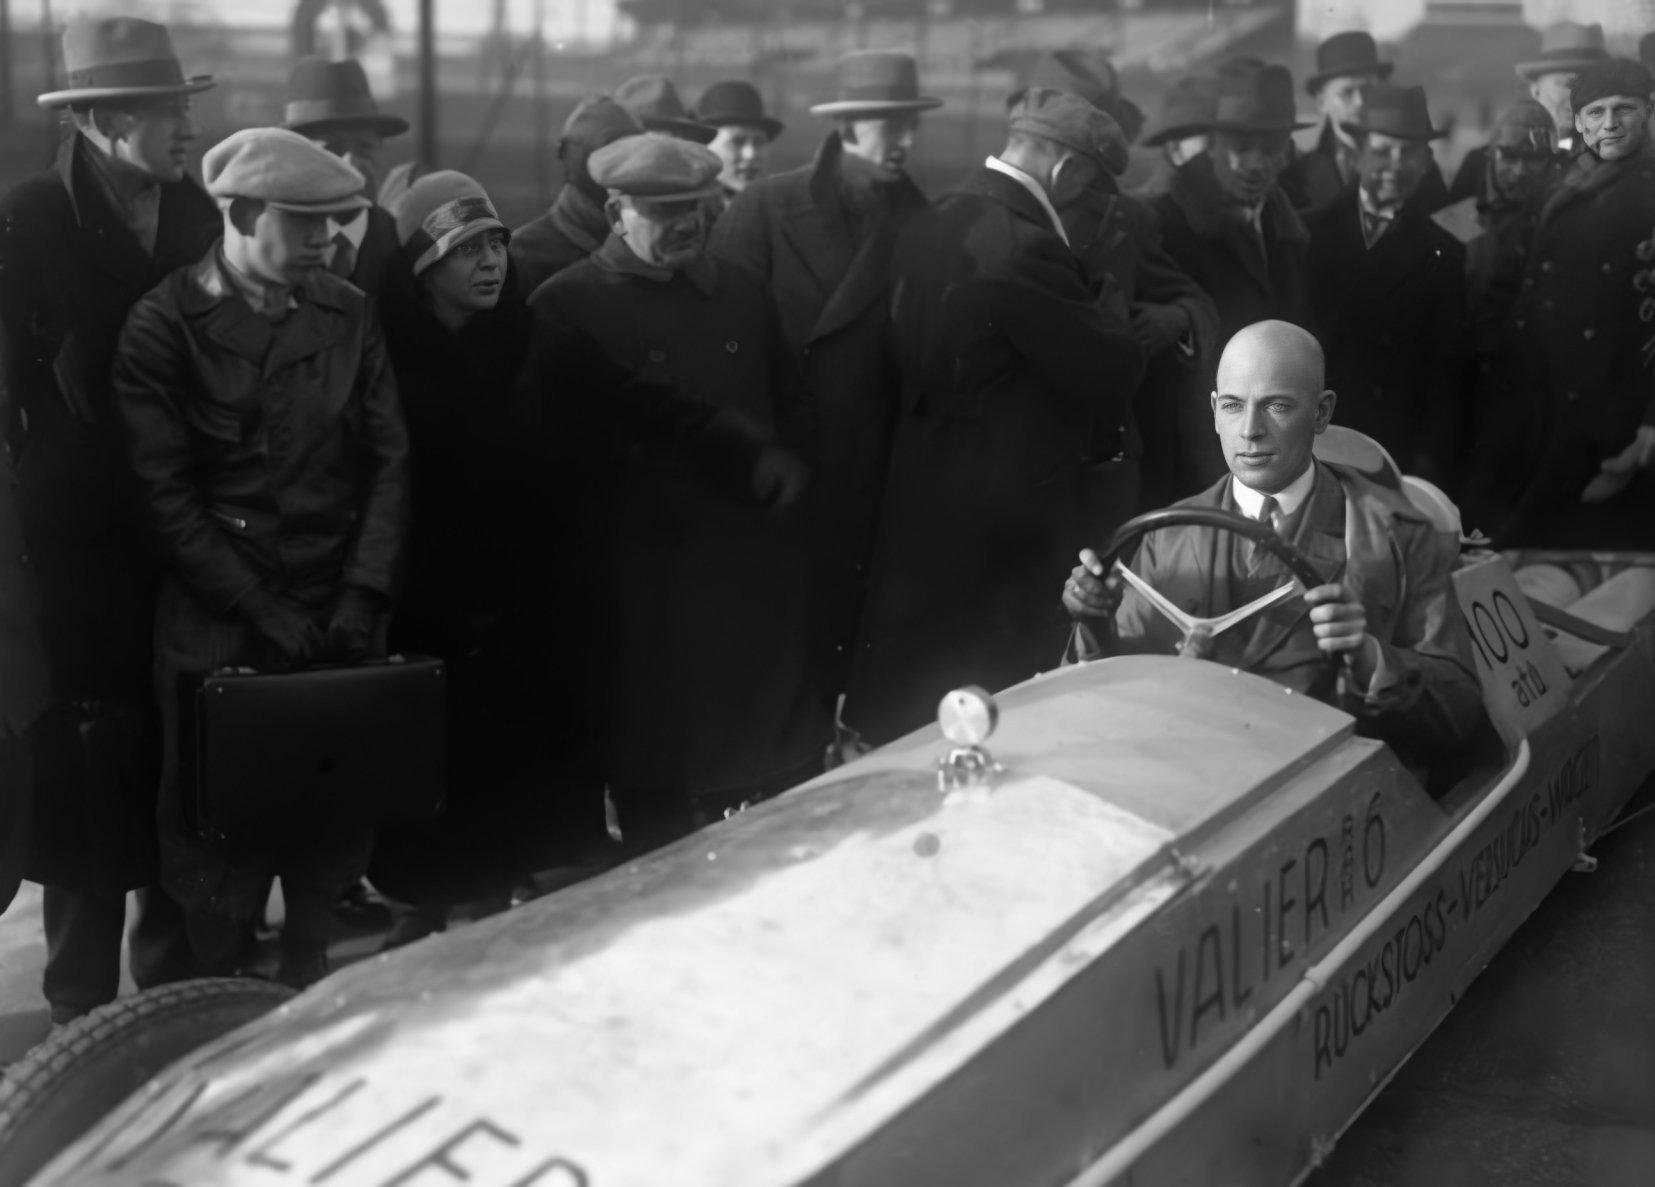 Max Valier rocket car